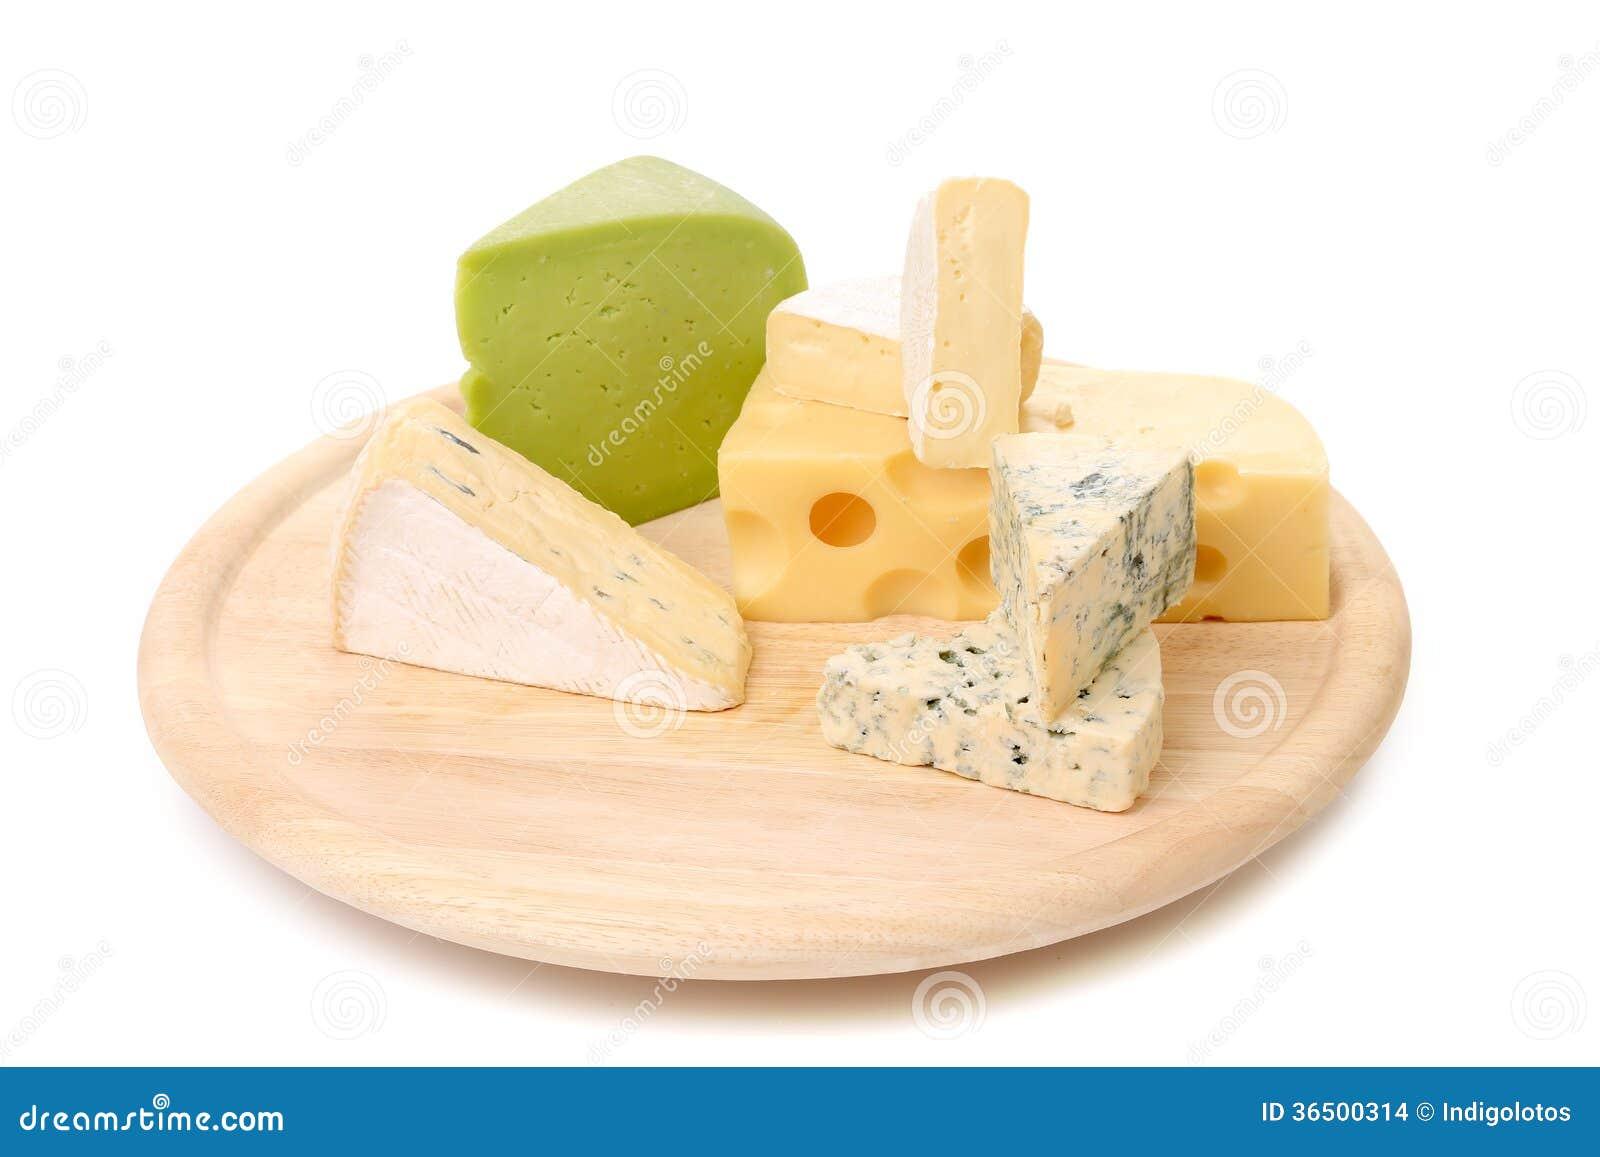 Composition de fromage de plat en bois.